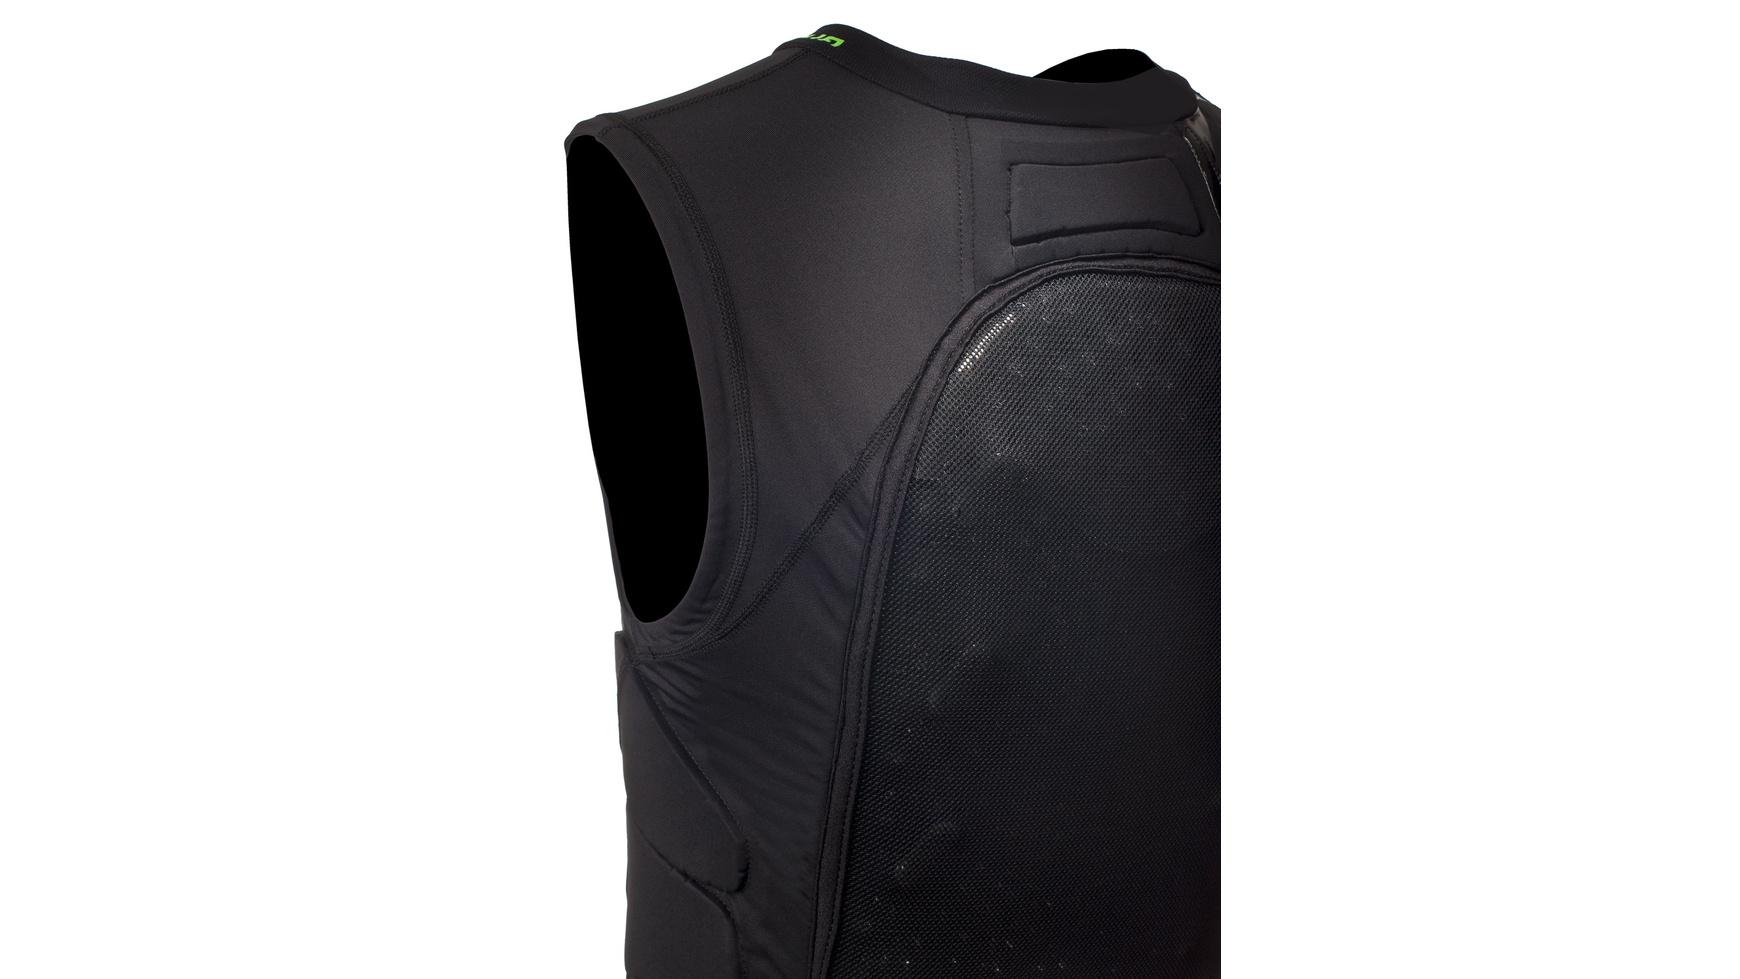 280000001-amplifi_mkii_jacket_detail05